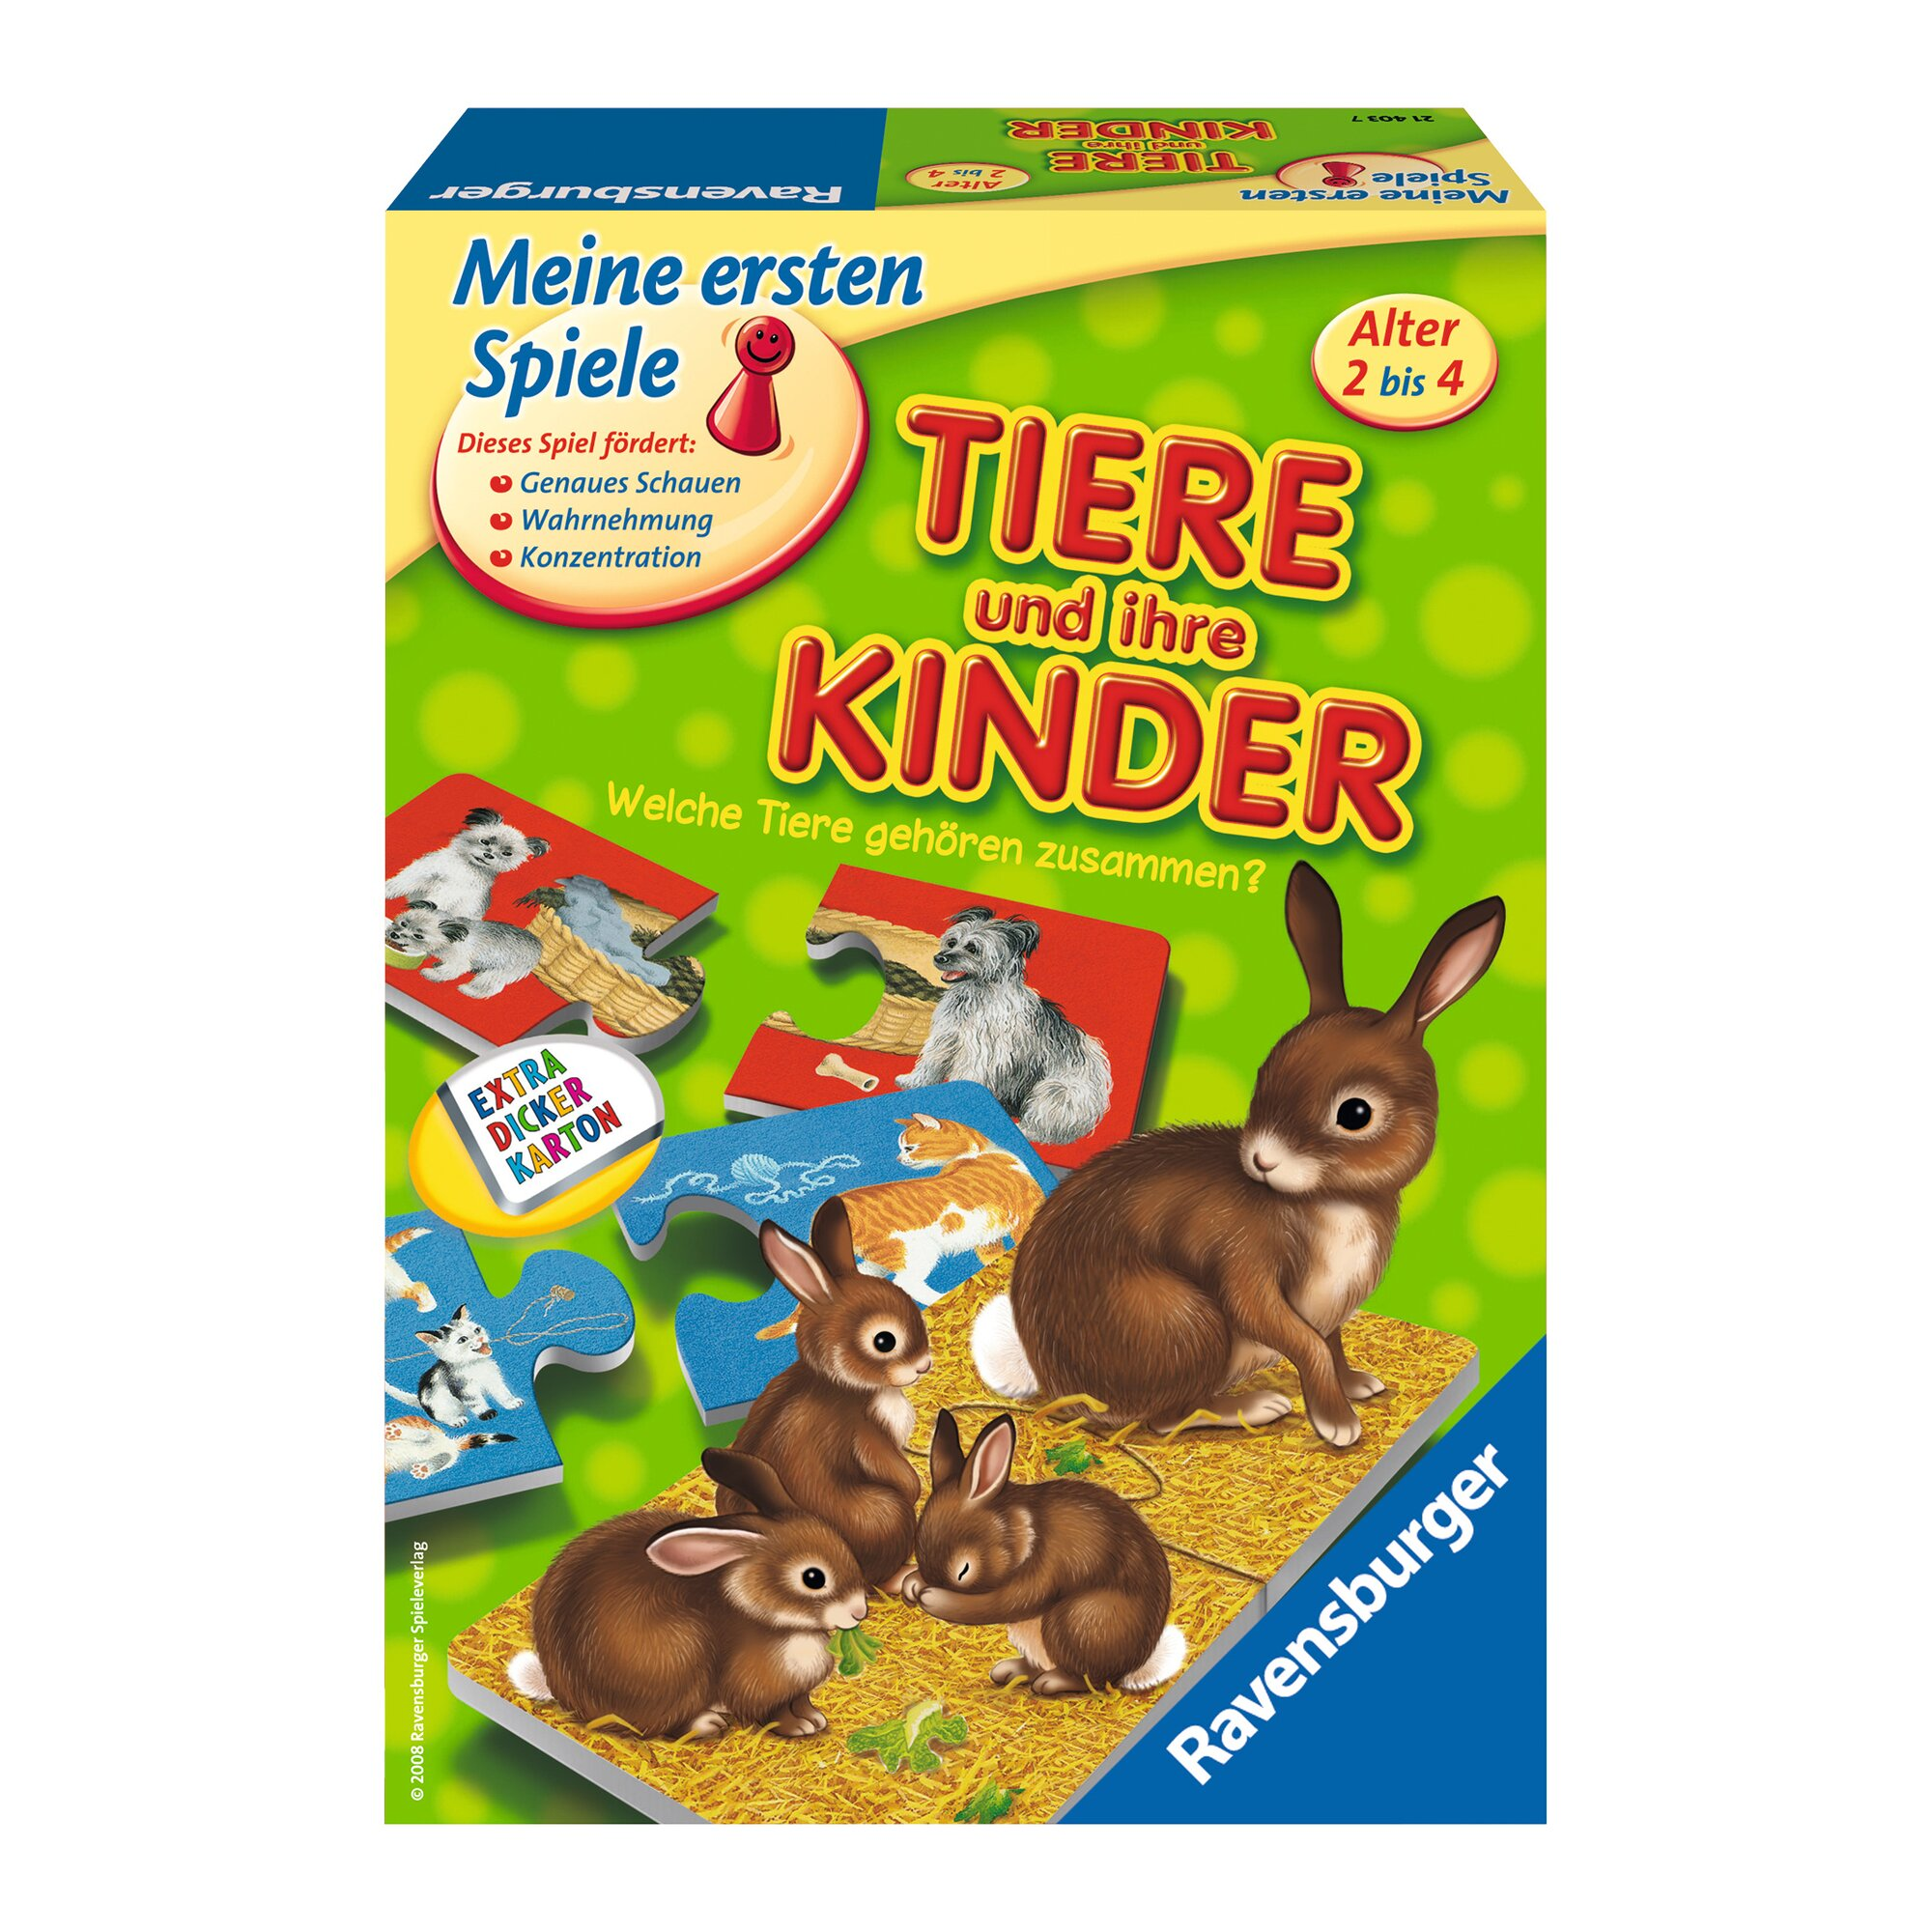 ravensburger-tiere-und-ihre-kinder-zuordnungsspiel